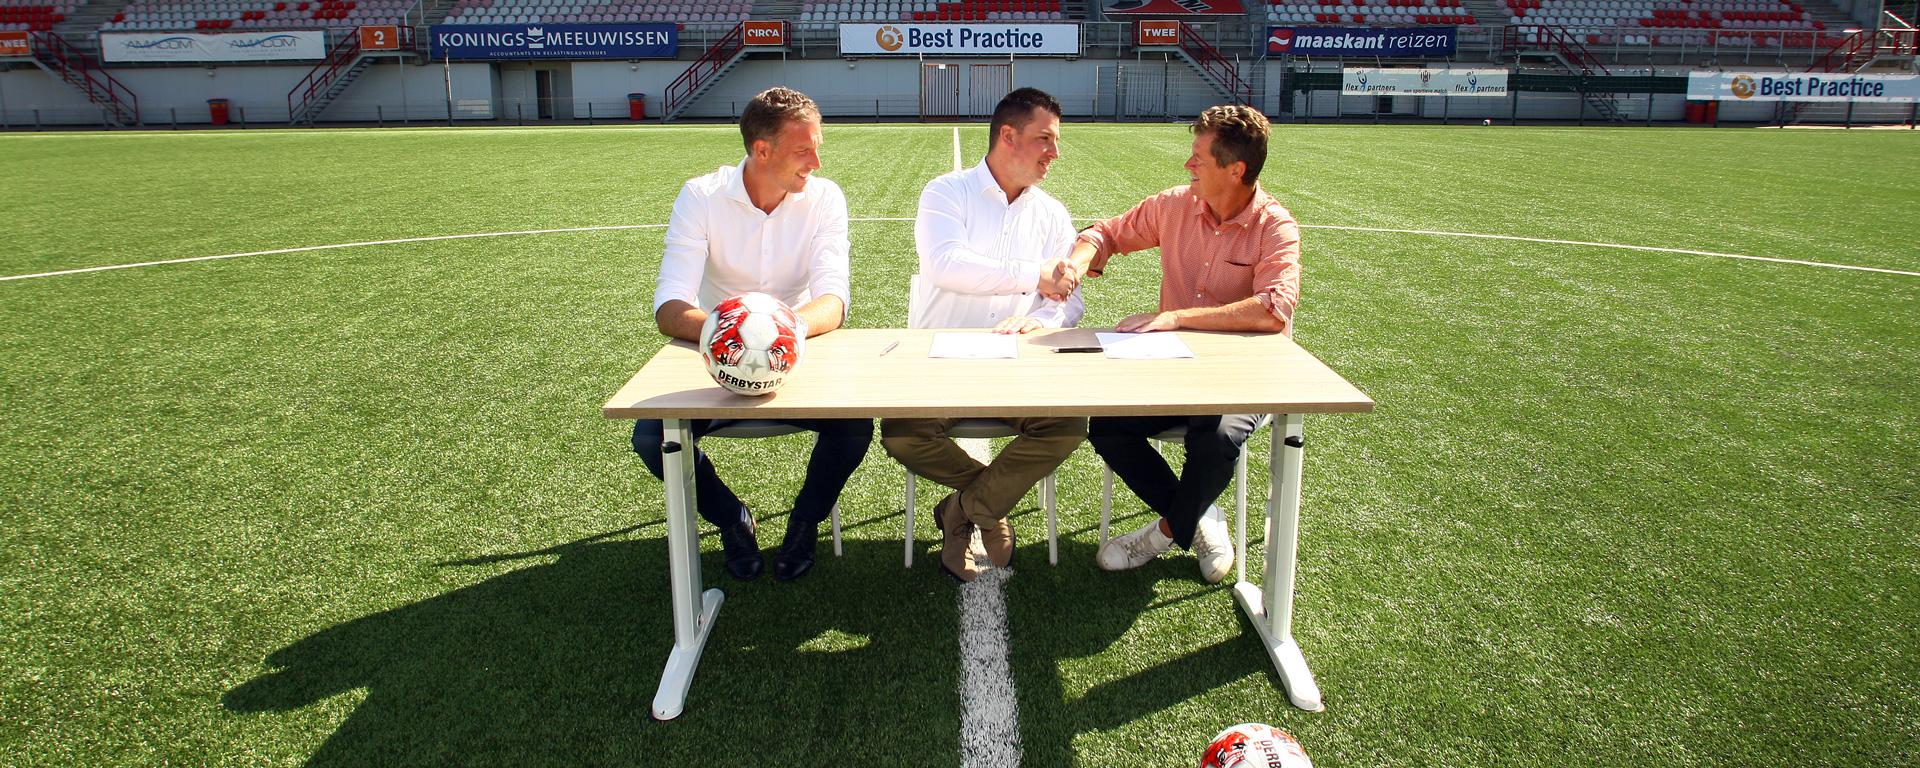 Bewakingsdienst van Mook is wedstrijdsponsor van TOP Oss – NAC Breda